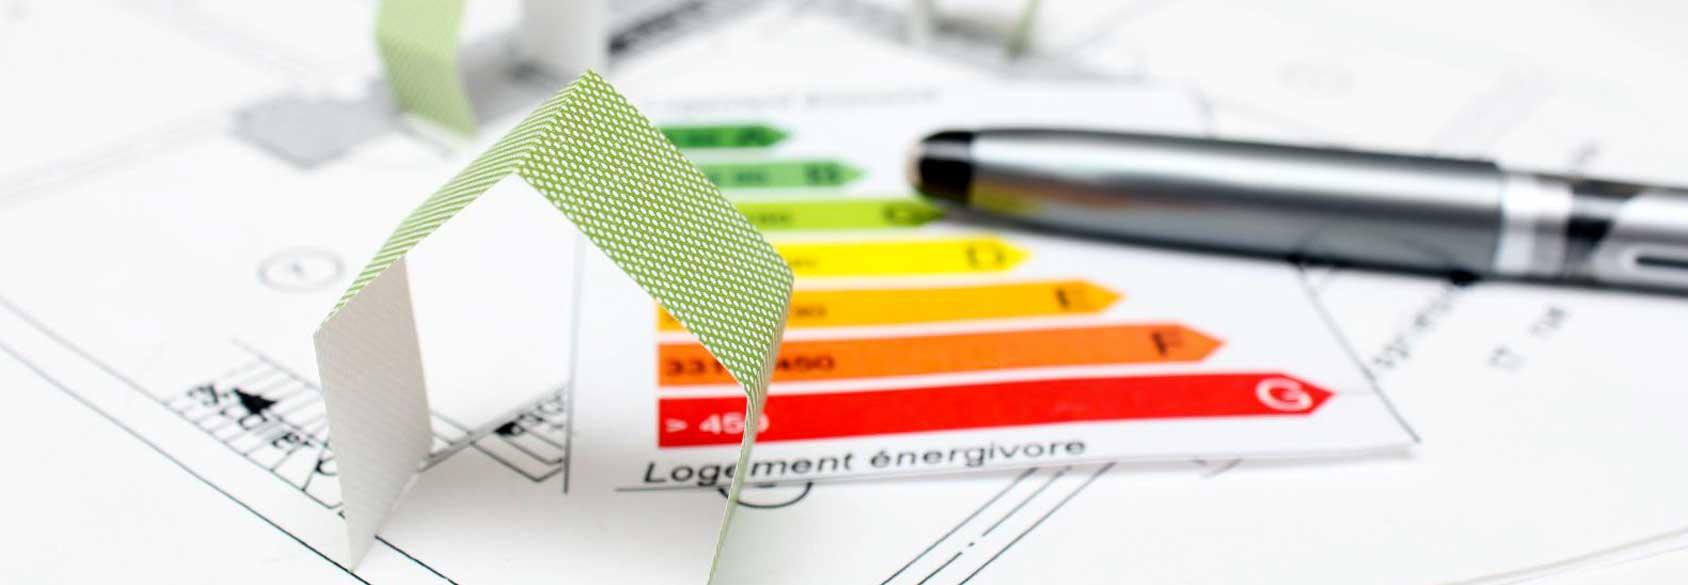 Ottavio_Mazzocca_Progettazione_e_gestione_energetica